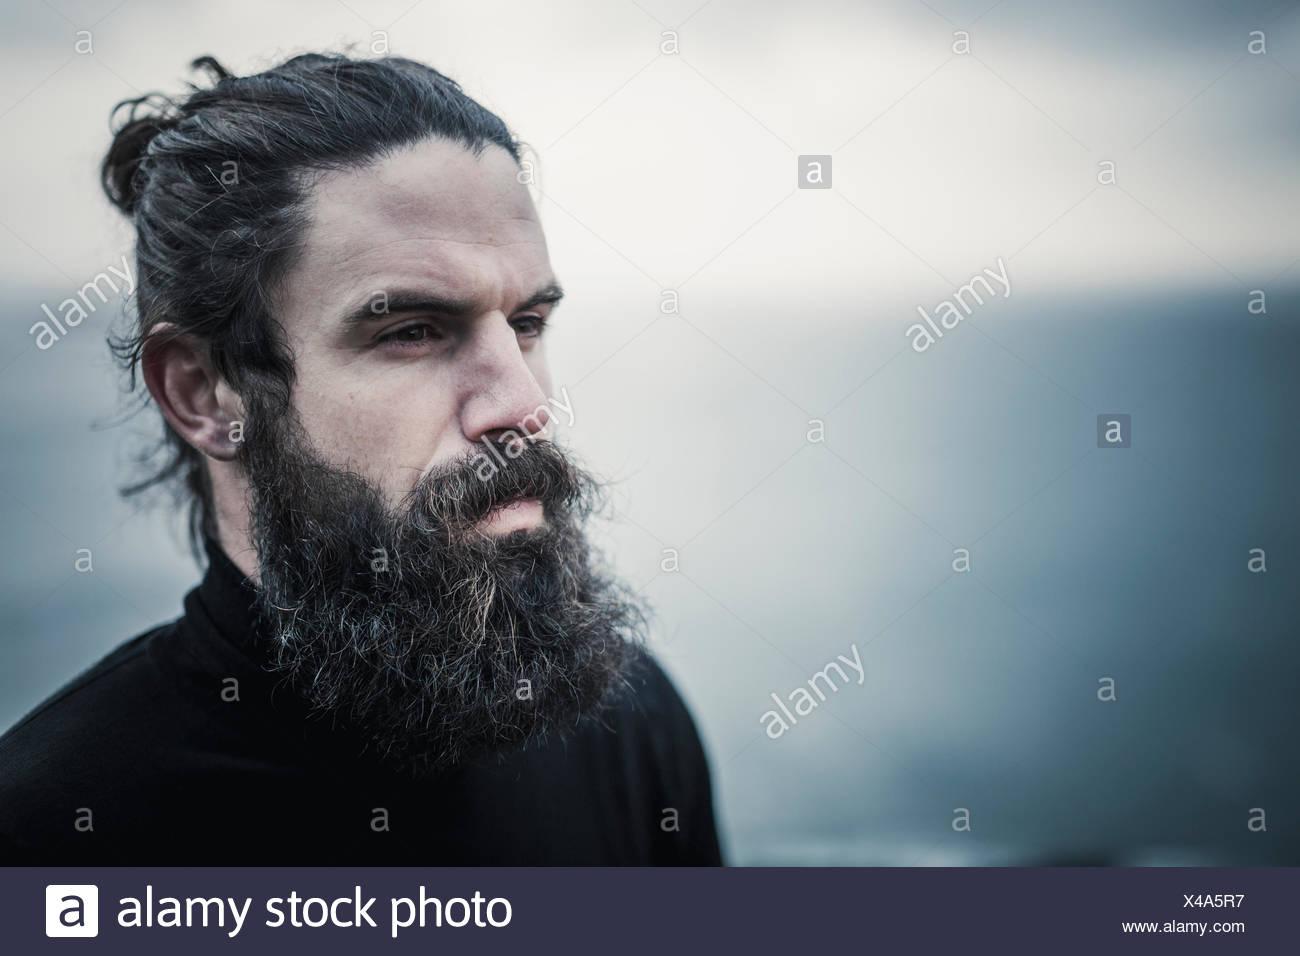 Ein Mann mit Vollbart und Schnurrbart und Schwarzes Haar verschrottet wieder aus dem Gesicht. Stockfoto